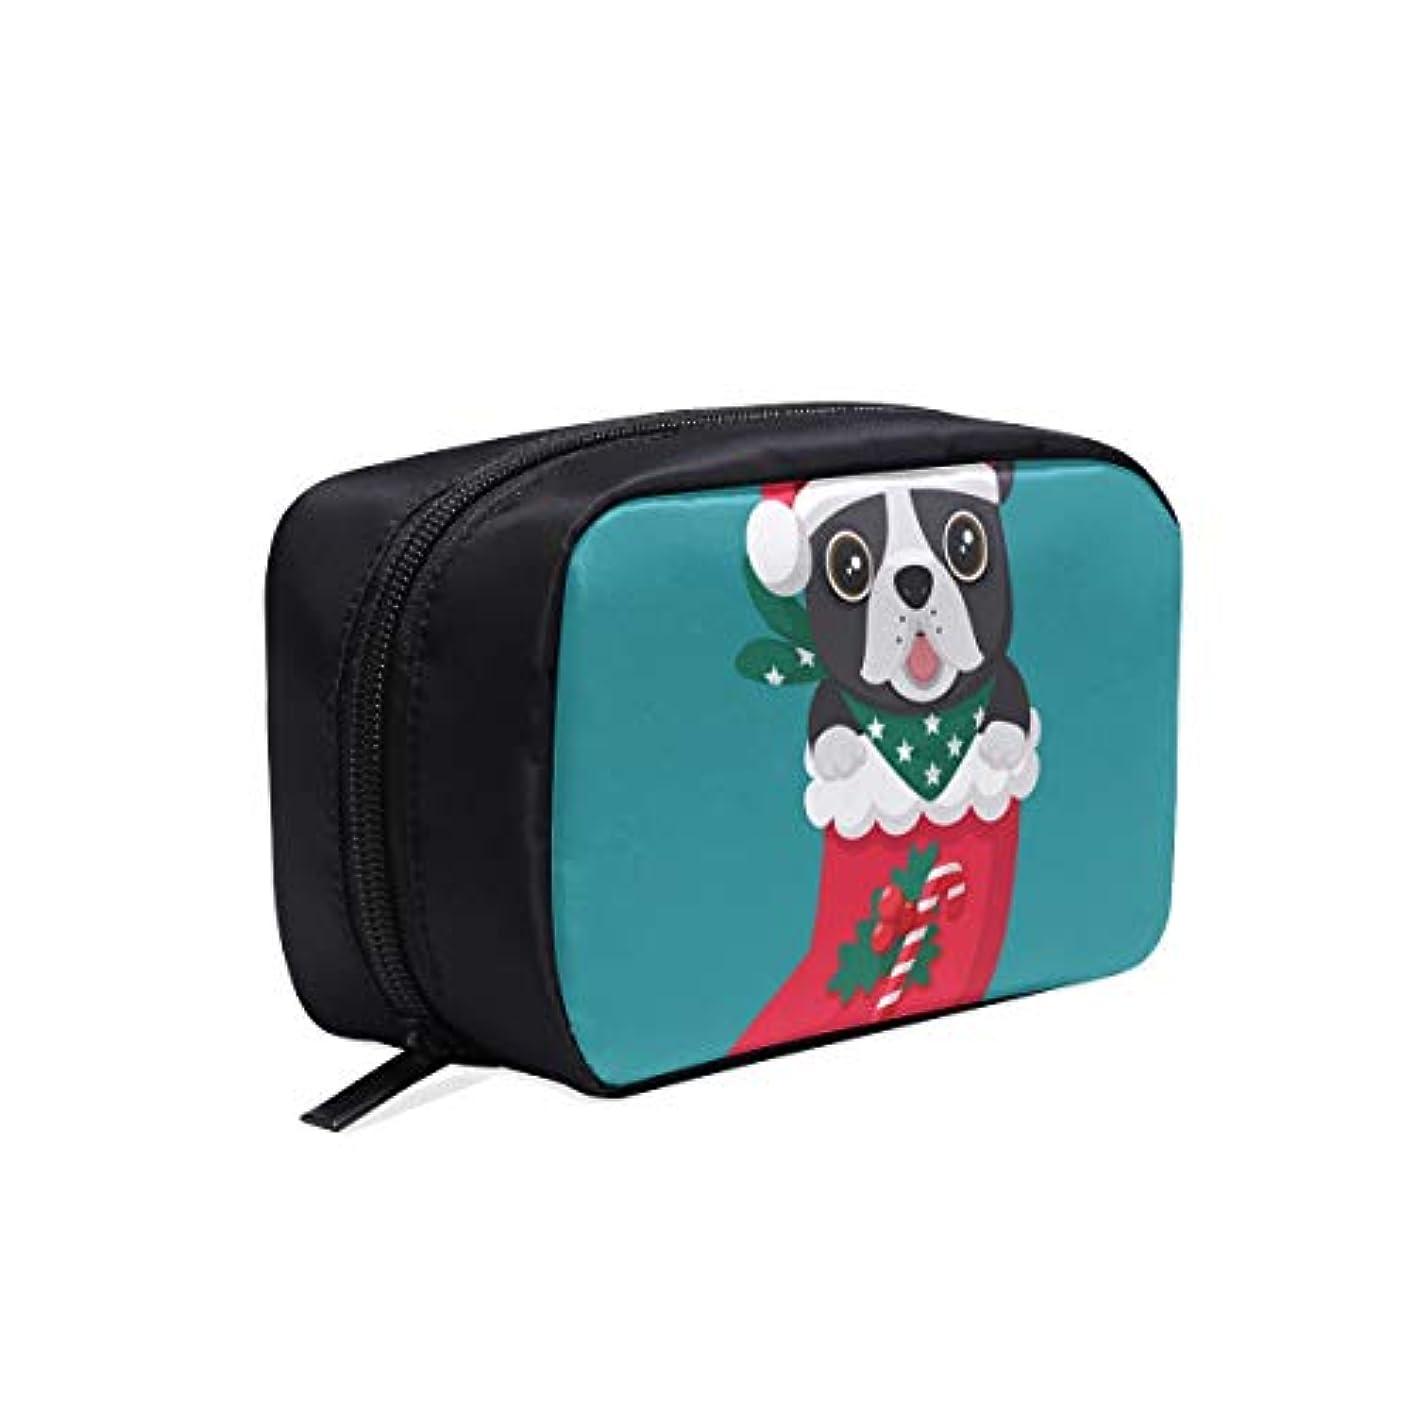 産地階衝突コースKWESG メイクポーチ ソックス 犬 ボックス コスメ収納 化粧品収納ケース 大容量 収納 化粧品入れ 化粧バッグ 旅行用 メイクブラシバッグ 化粧箱 持ち運び便利 プロ用